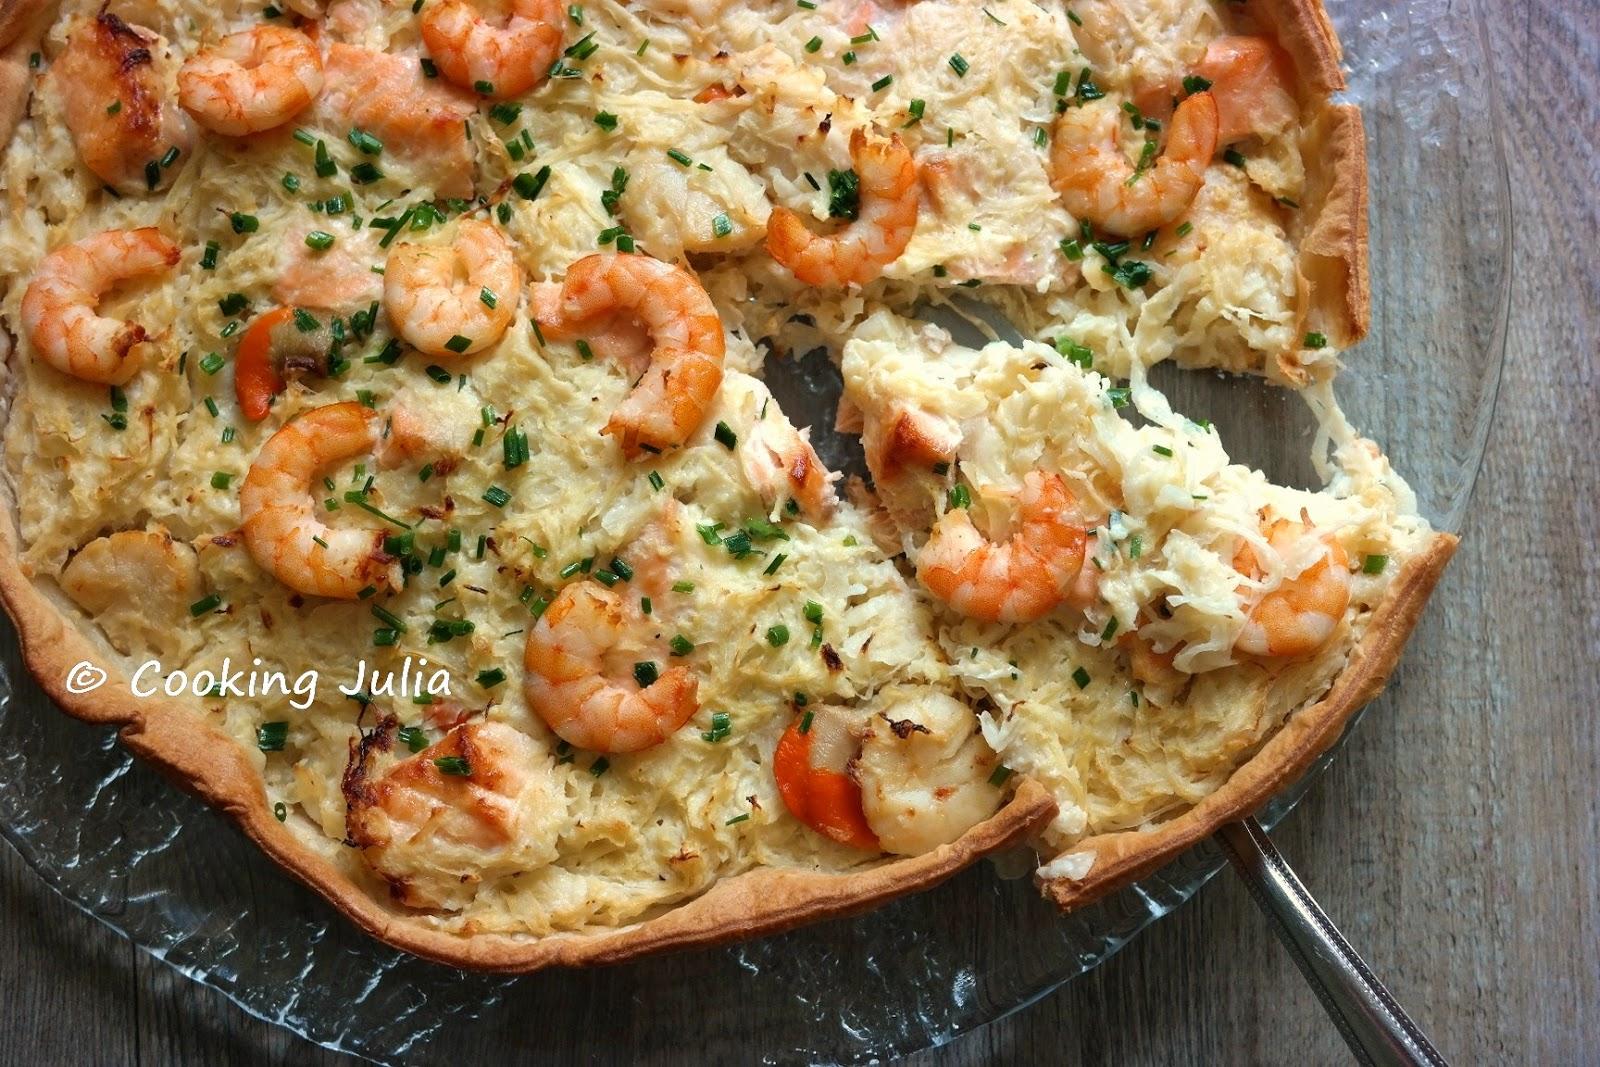 Cooking julia quiche la choucroute de la mer - Cuisiner choucroute cuite ...